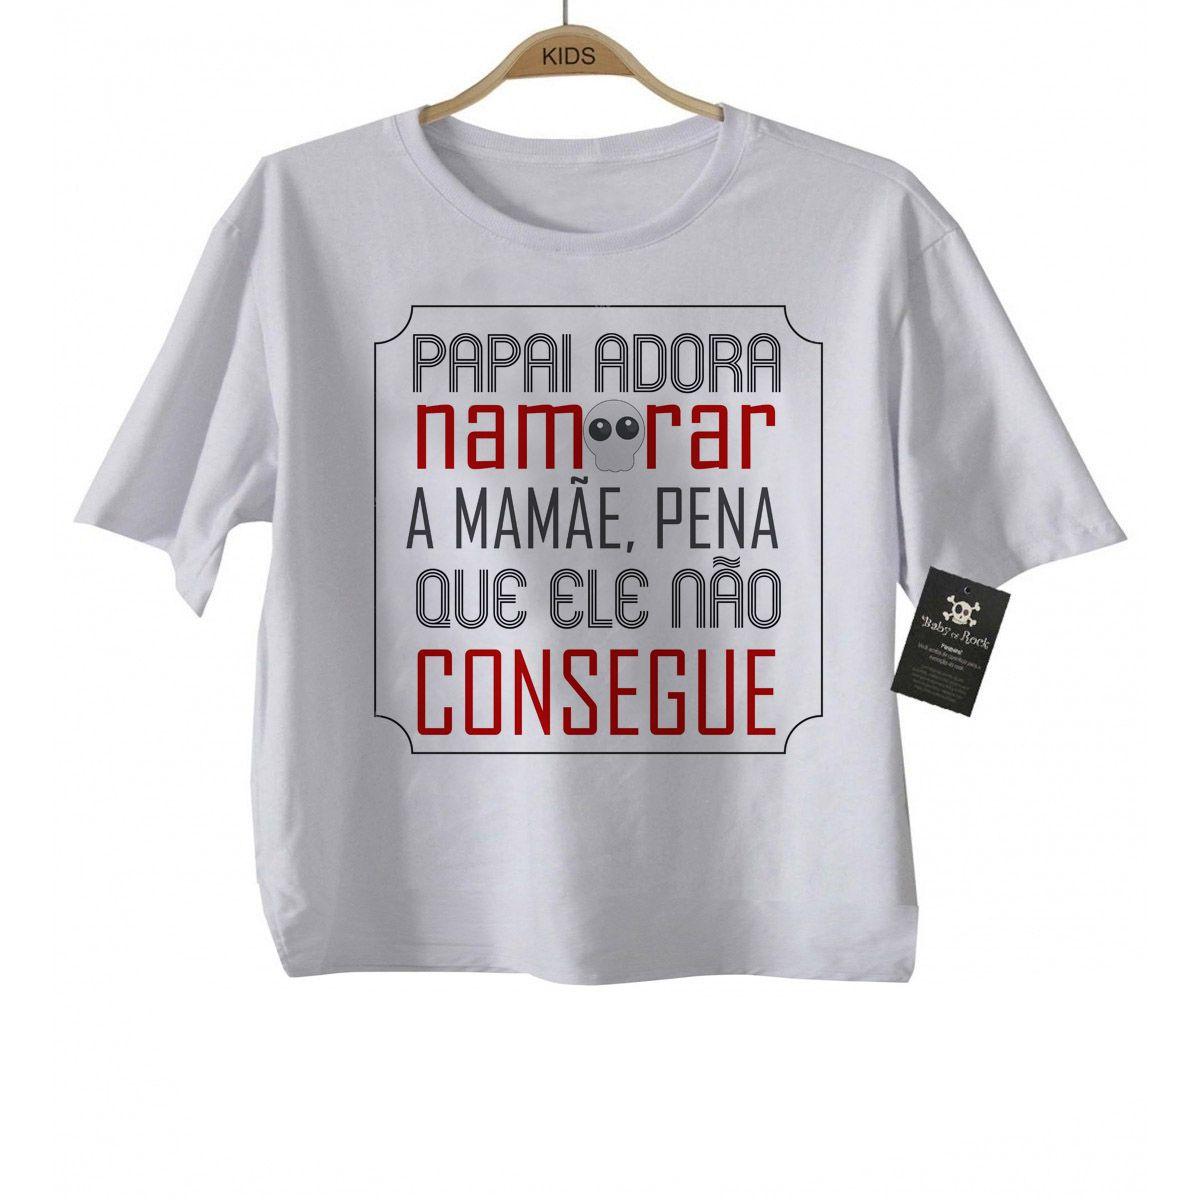 Camiseta Divertida Bebê - Papai adora namorar a mamae - White  - Baby Monster S/A